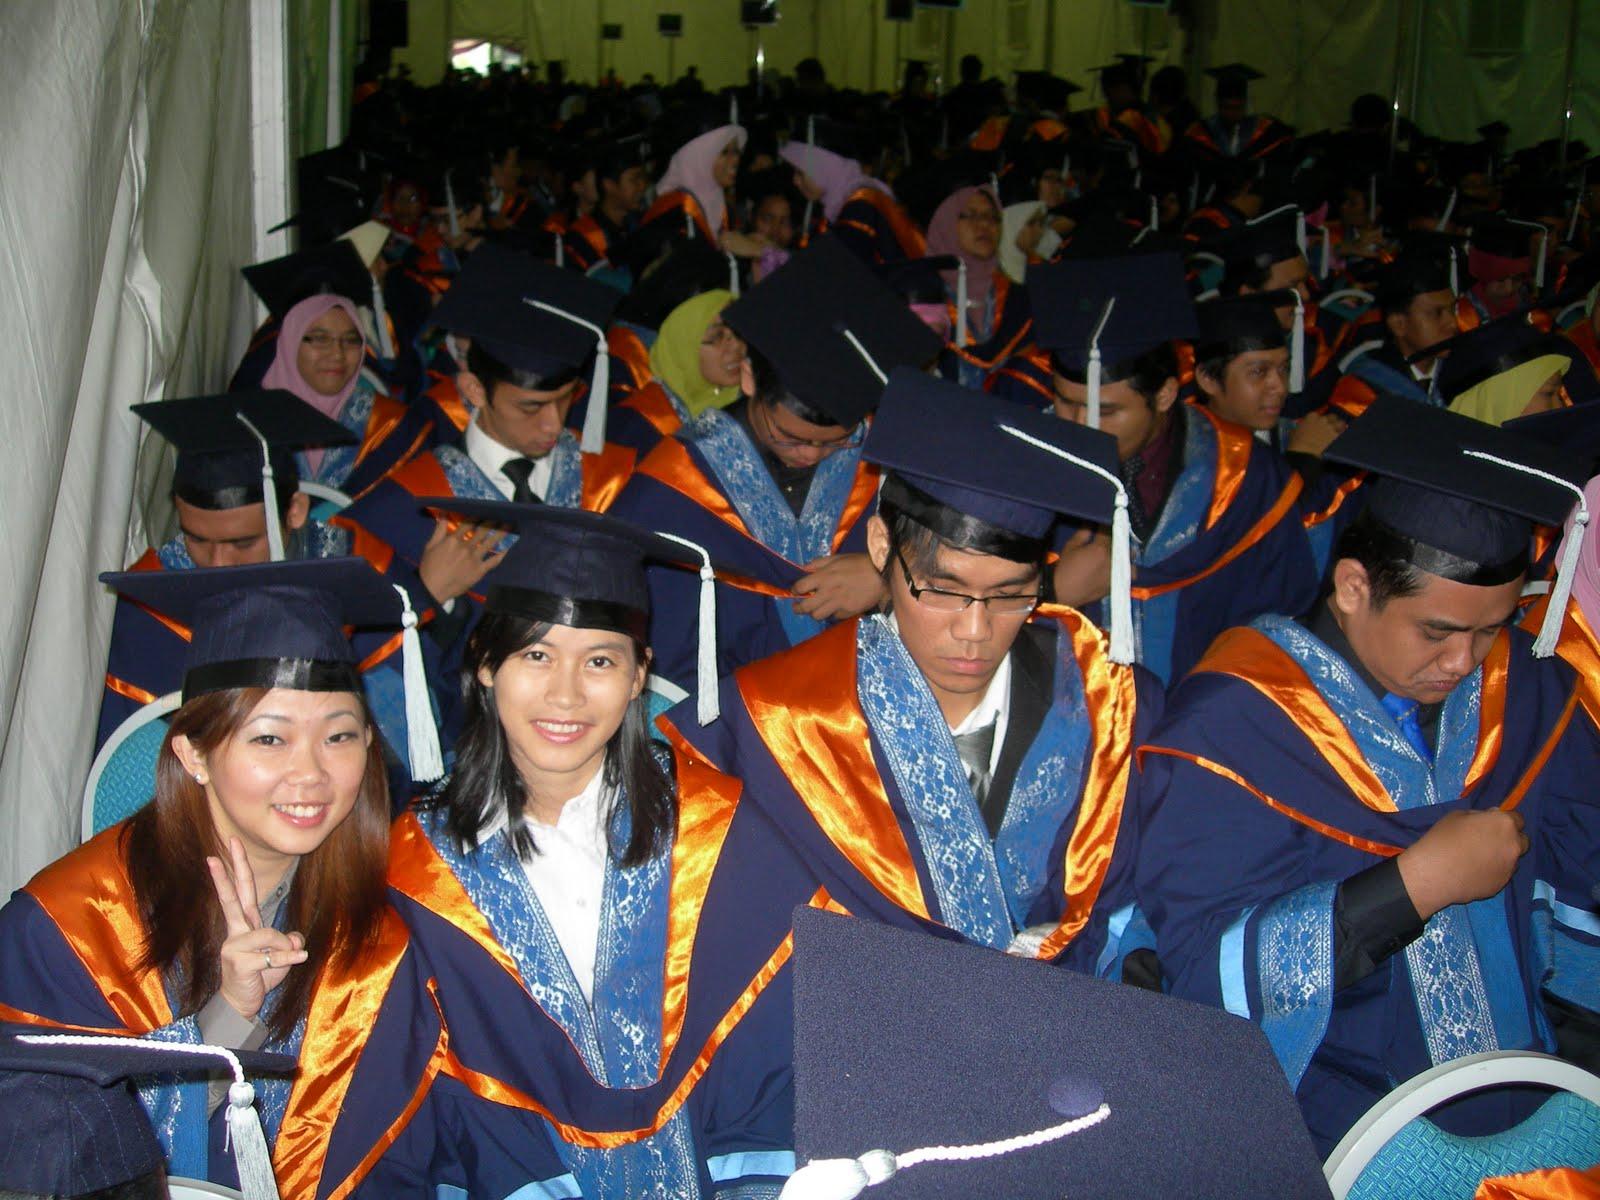 1 malaysia menjana transformasi pendidikan karangan lengkap Wisma tiga tingkat dinamakan wisma dato sani di klang sentral itu serba lengkap  itu menjana satu transformasi  kalau bukan penyanyi no 1 malaysia,.